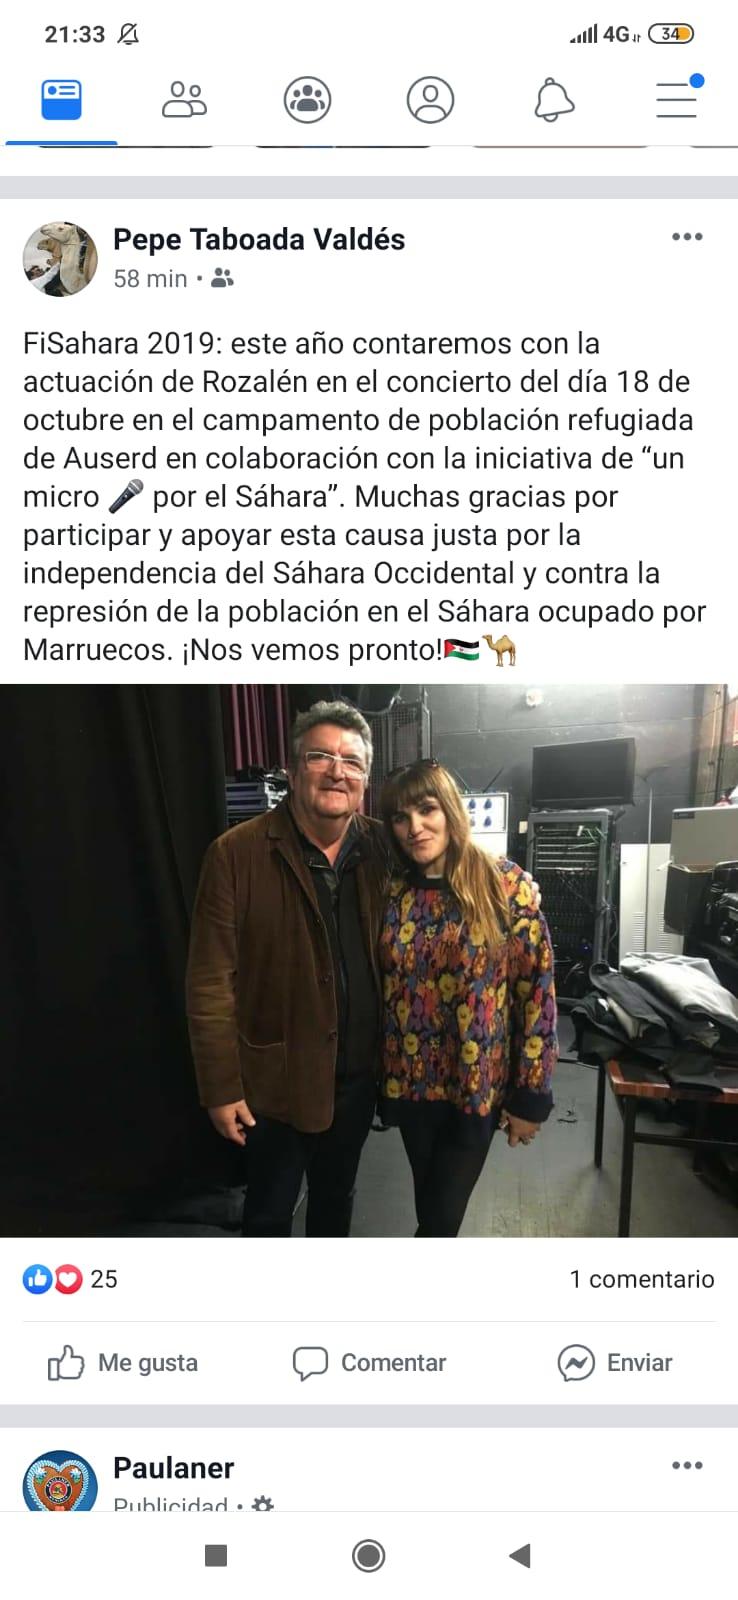 Rozalén confirma su presencia en FiSahara 2019 con la iniciativa de «un micro por el Sahara»